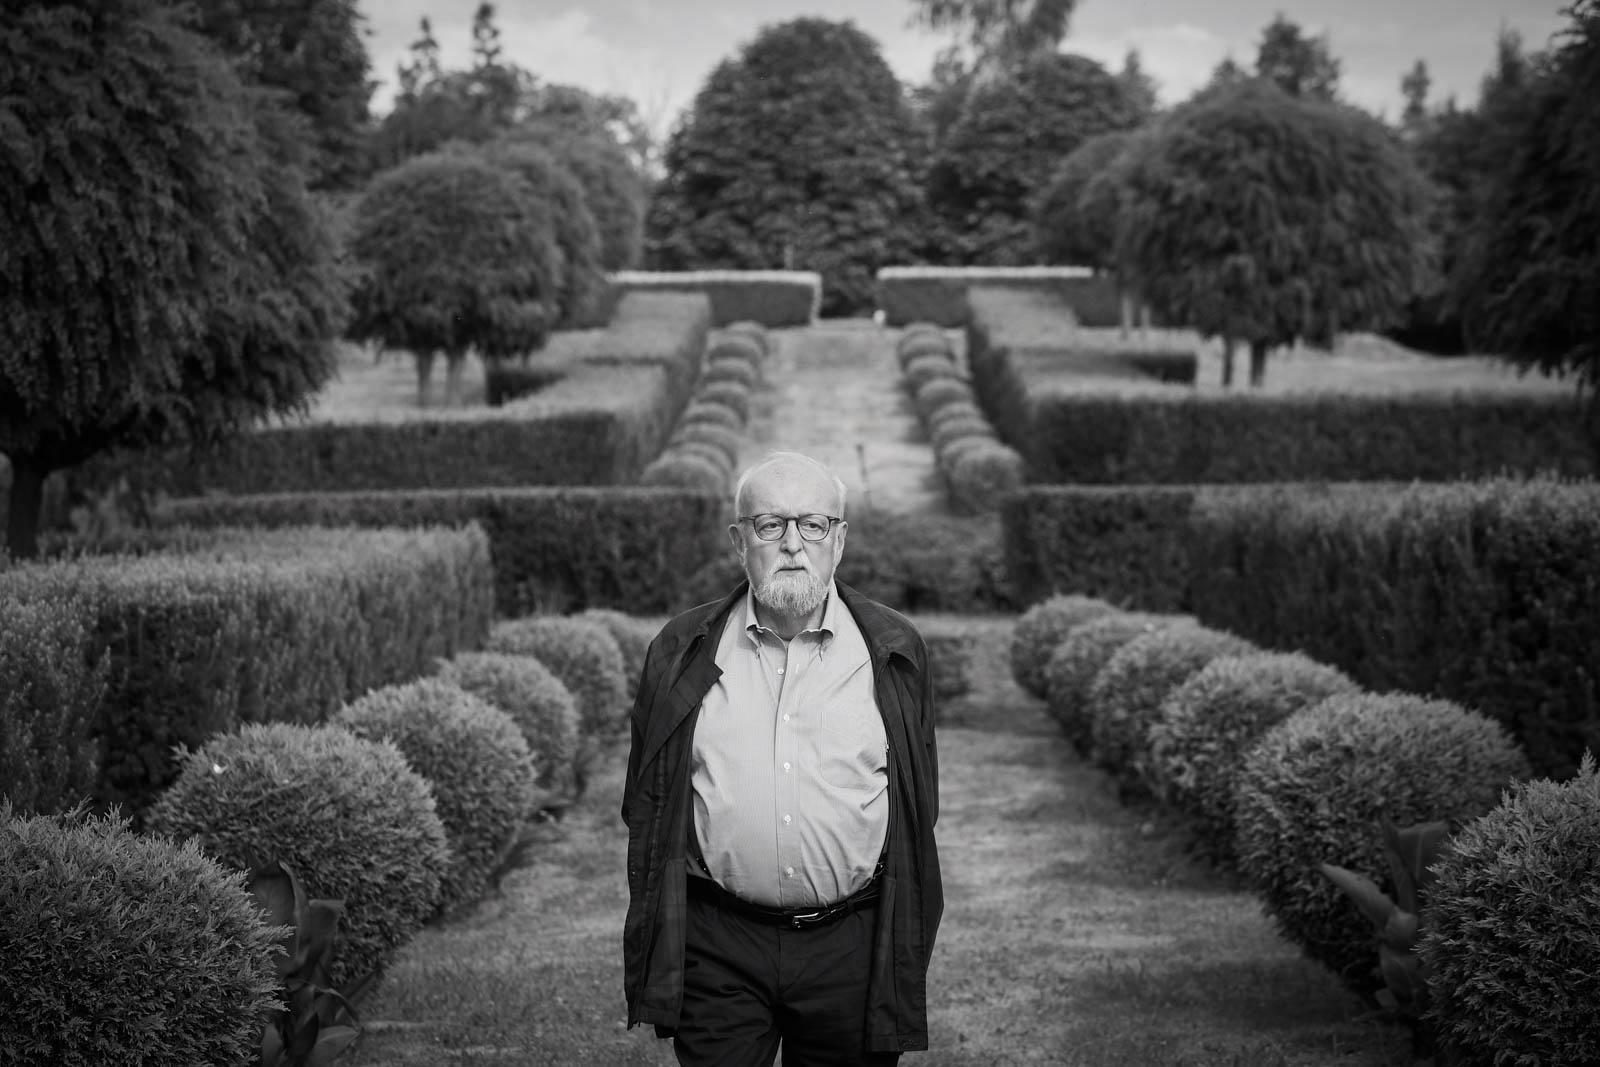 Znamy datę pogrzebu  Krzysztofa Pendereckiego! - Zdjęcie główne